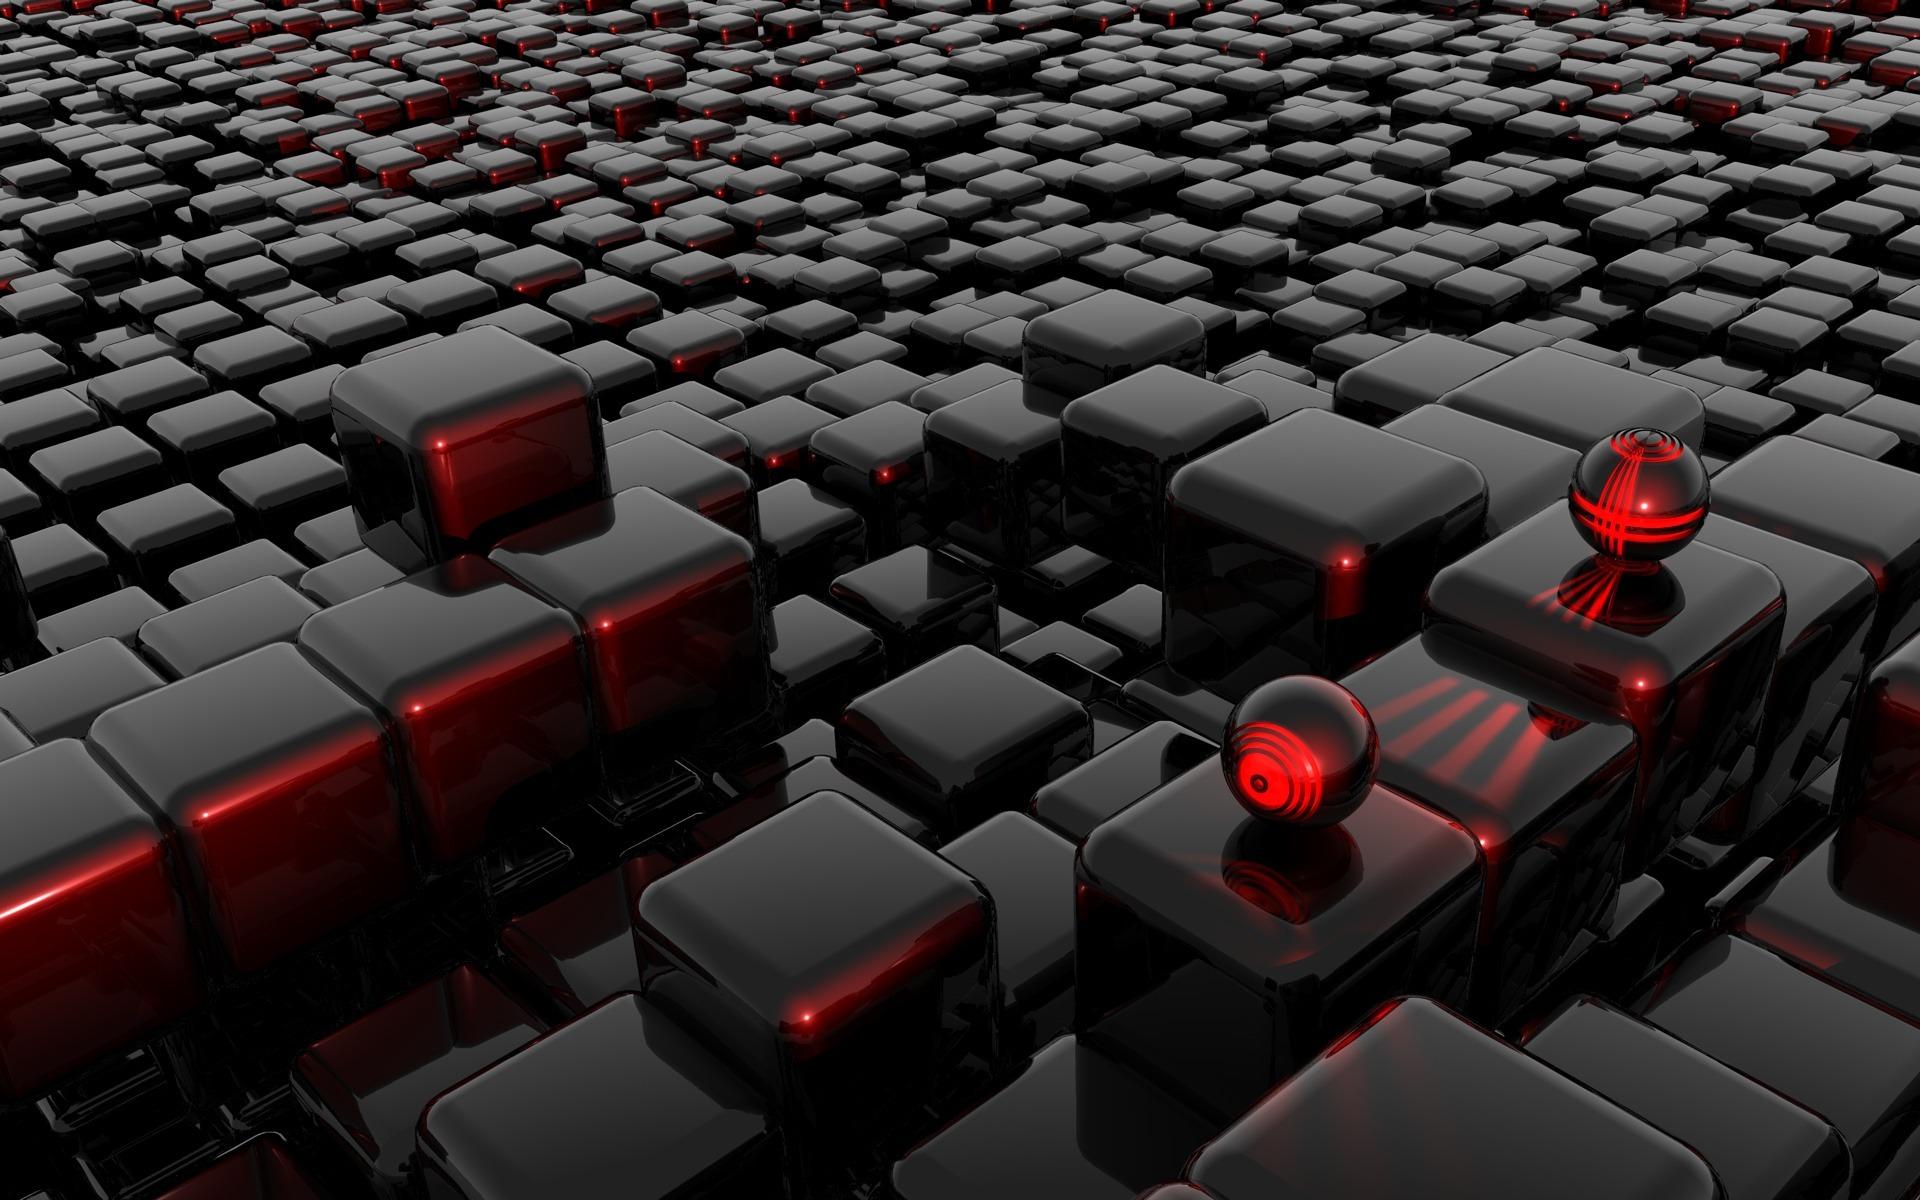 Hình nền máy tính đen sang trọng